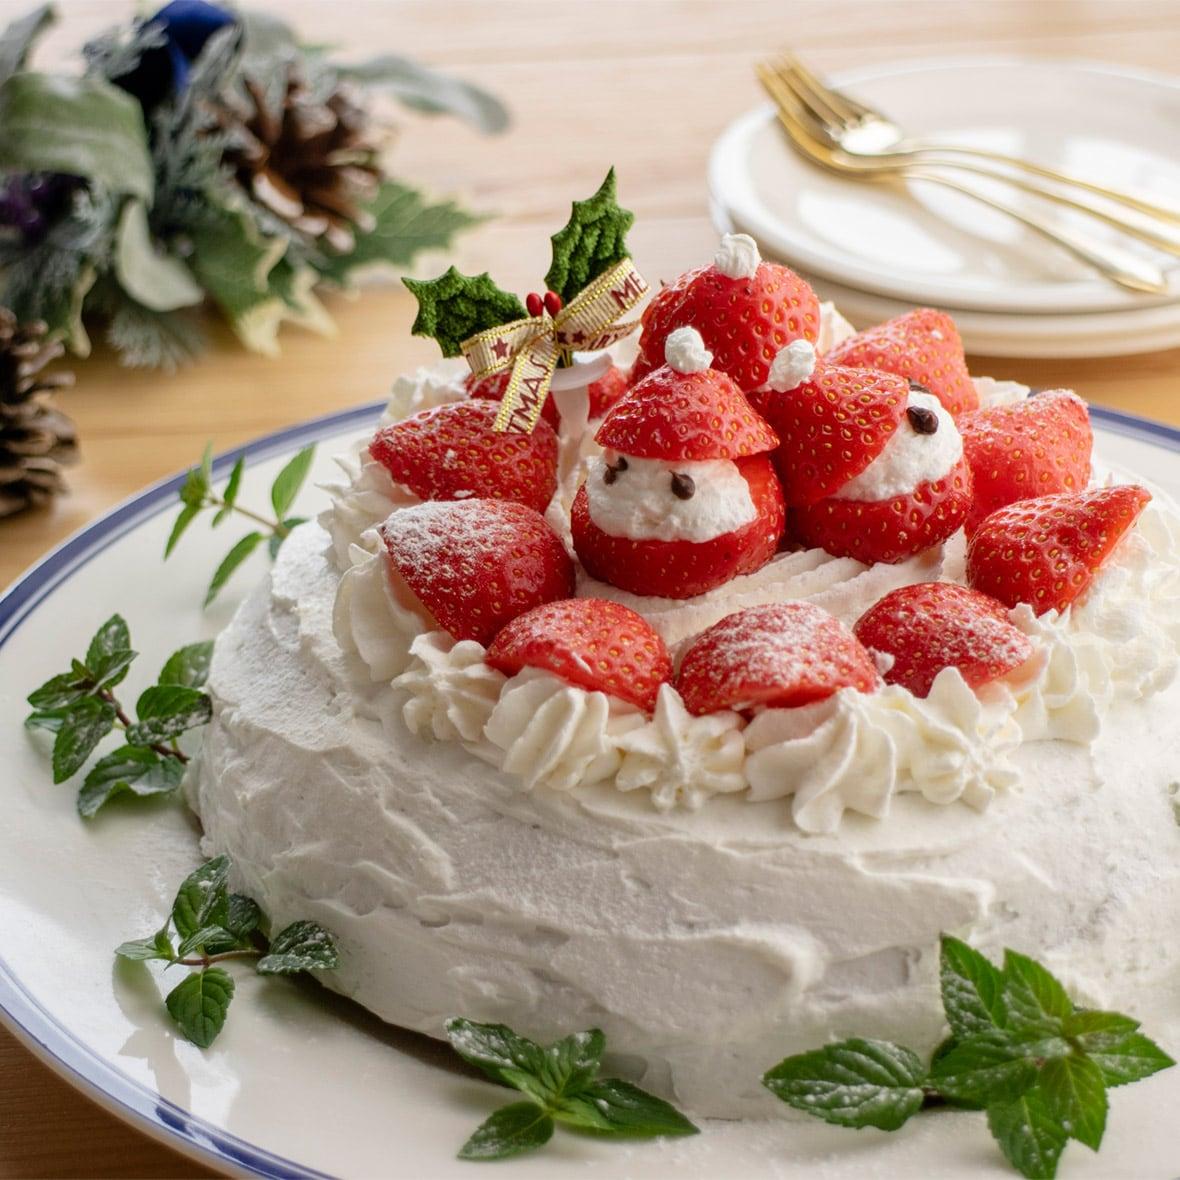 ホットケーキミックスでできる!スイッチを押すだけで簡単ショートケーキ